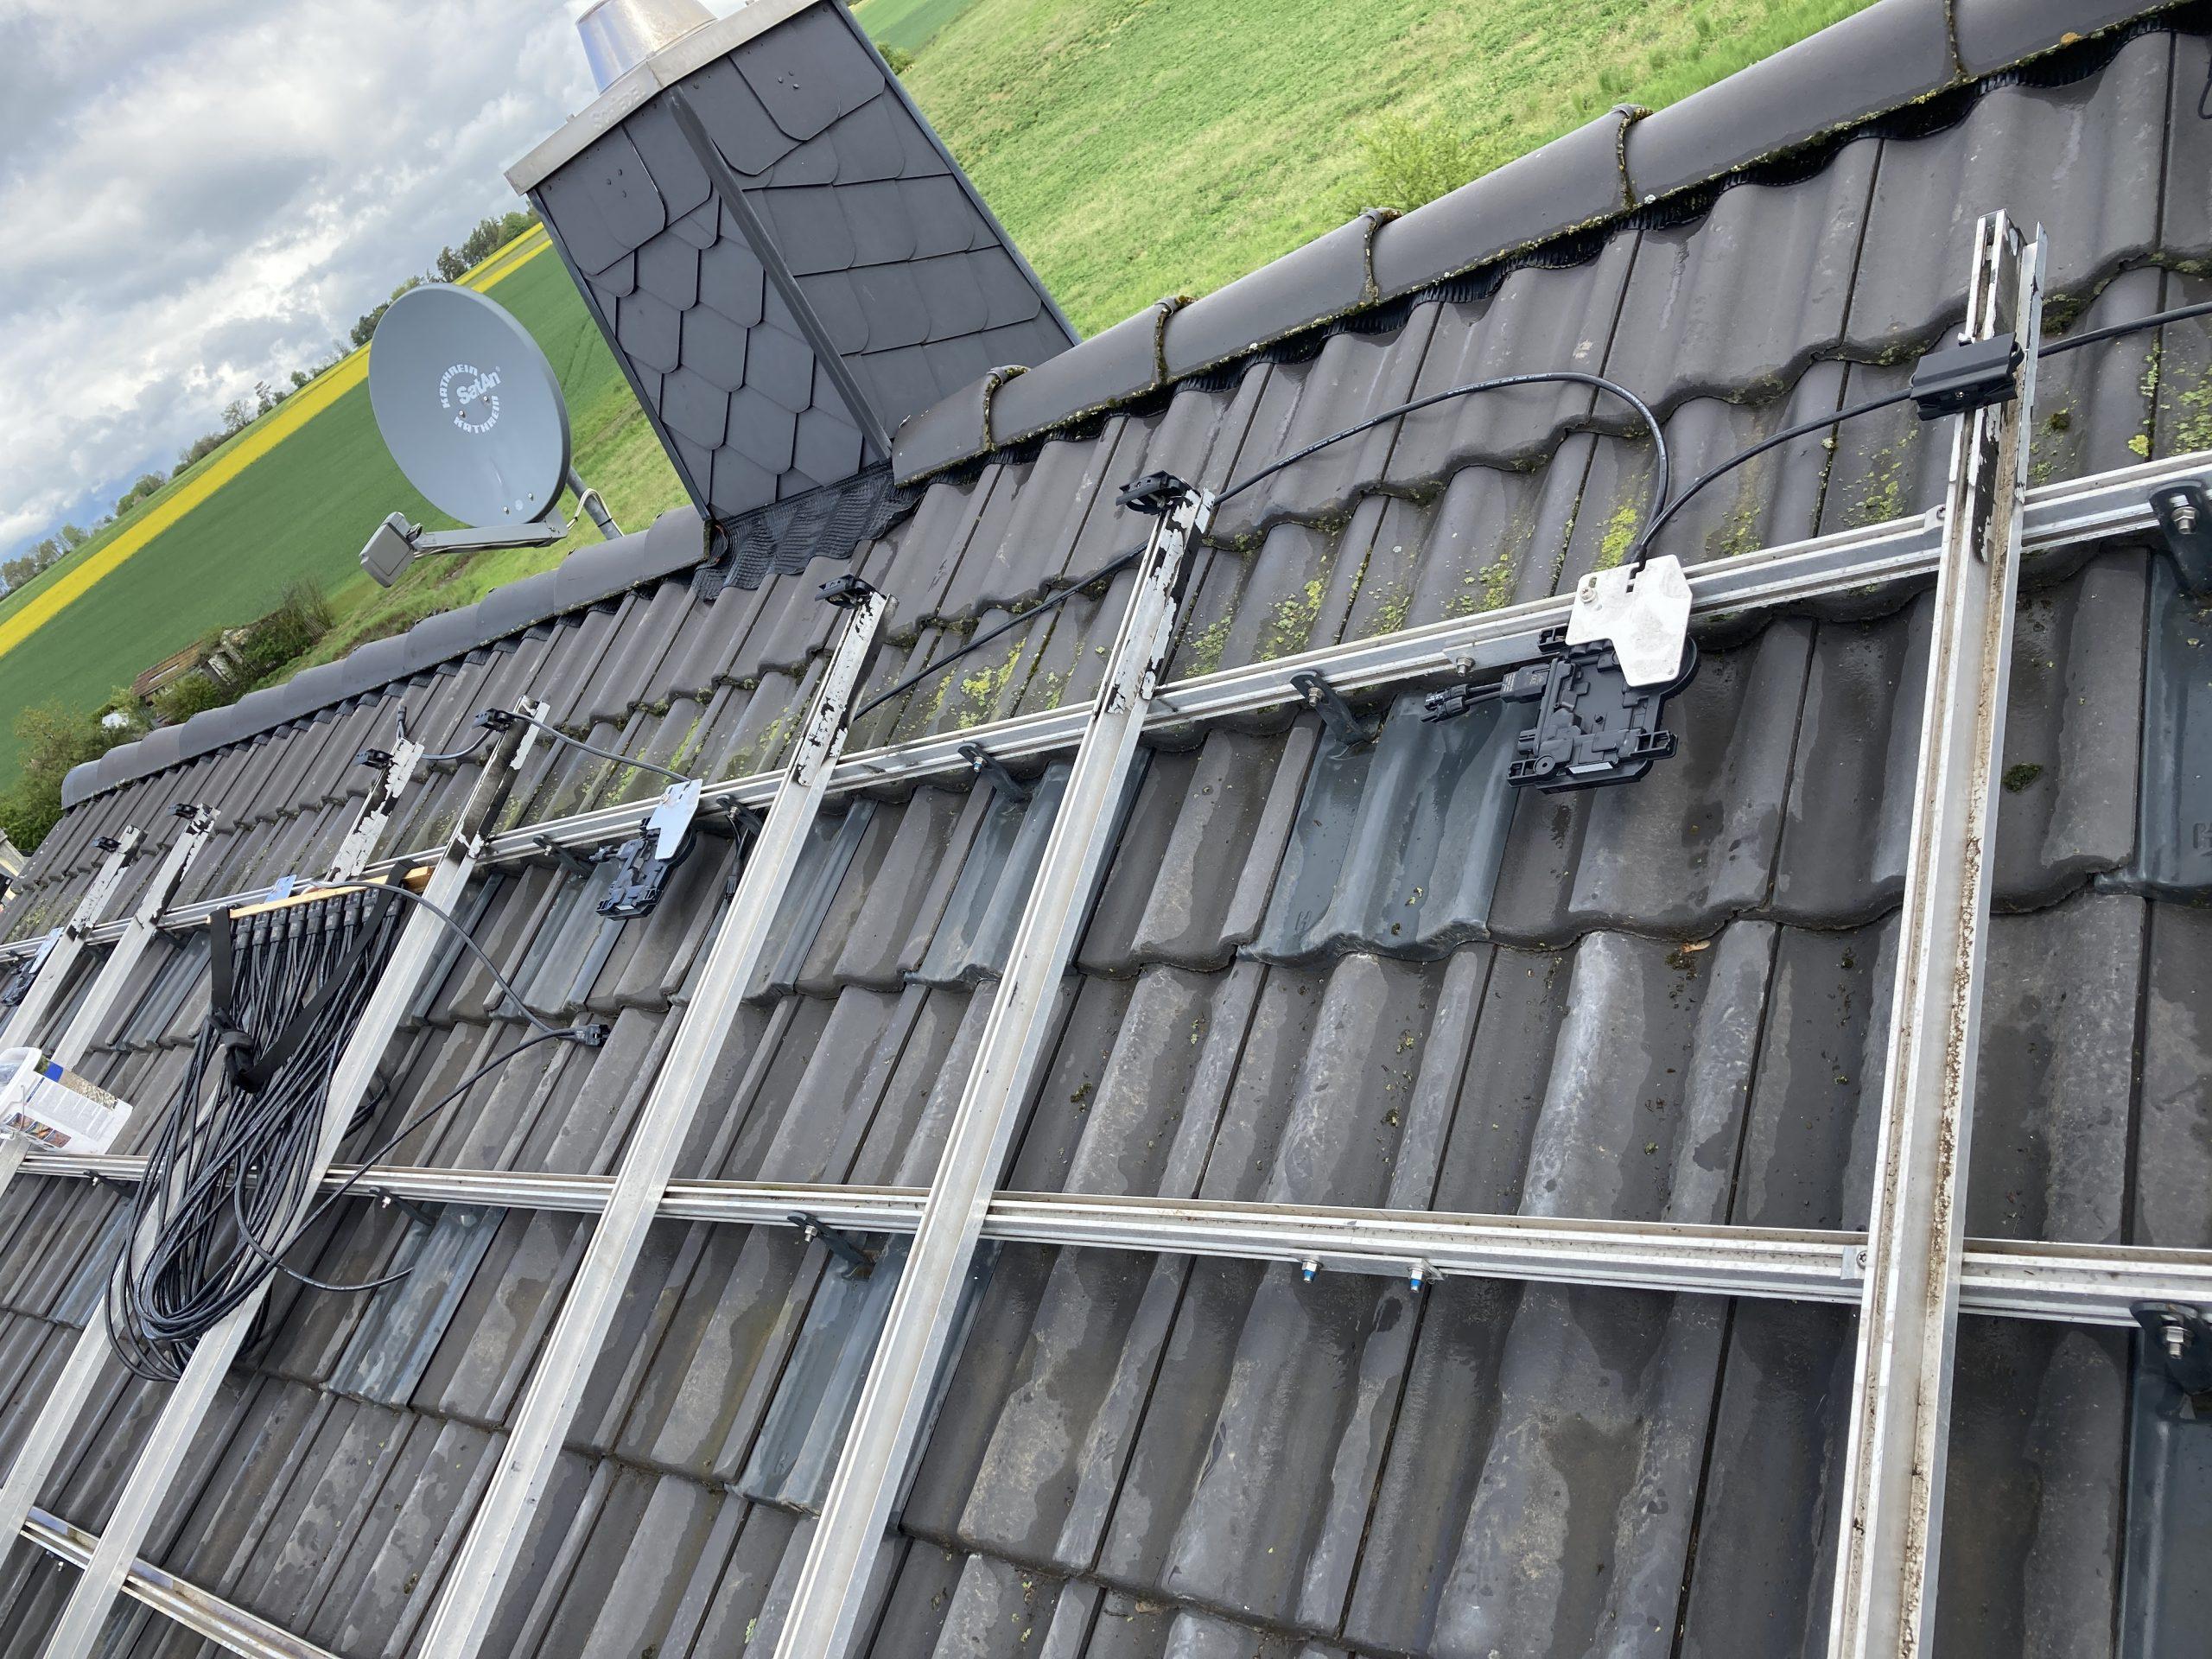 montierter Wechselrichter eine Photovoltaikanlage